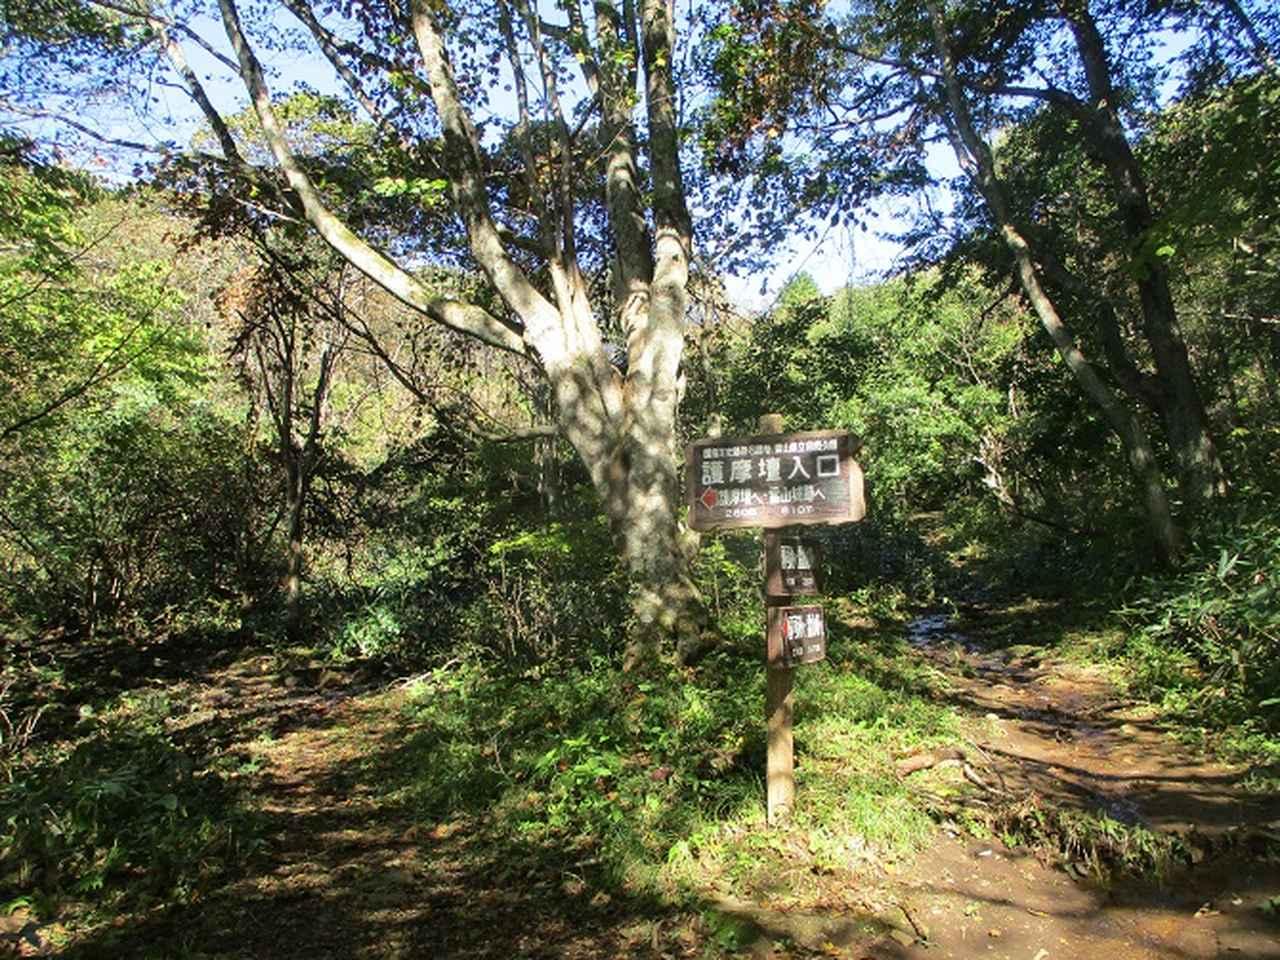 画像5: 11月の山旅会少人数ツアー 「霊山(りょうぜん)」 の下見にいってきました!